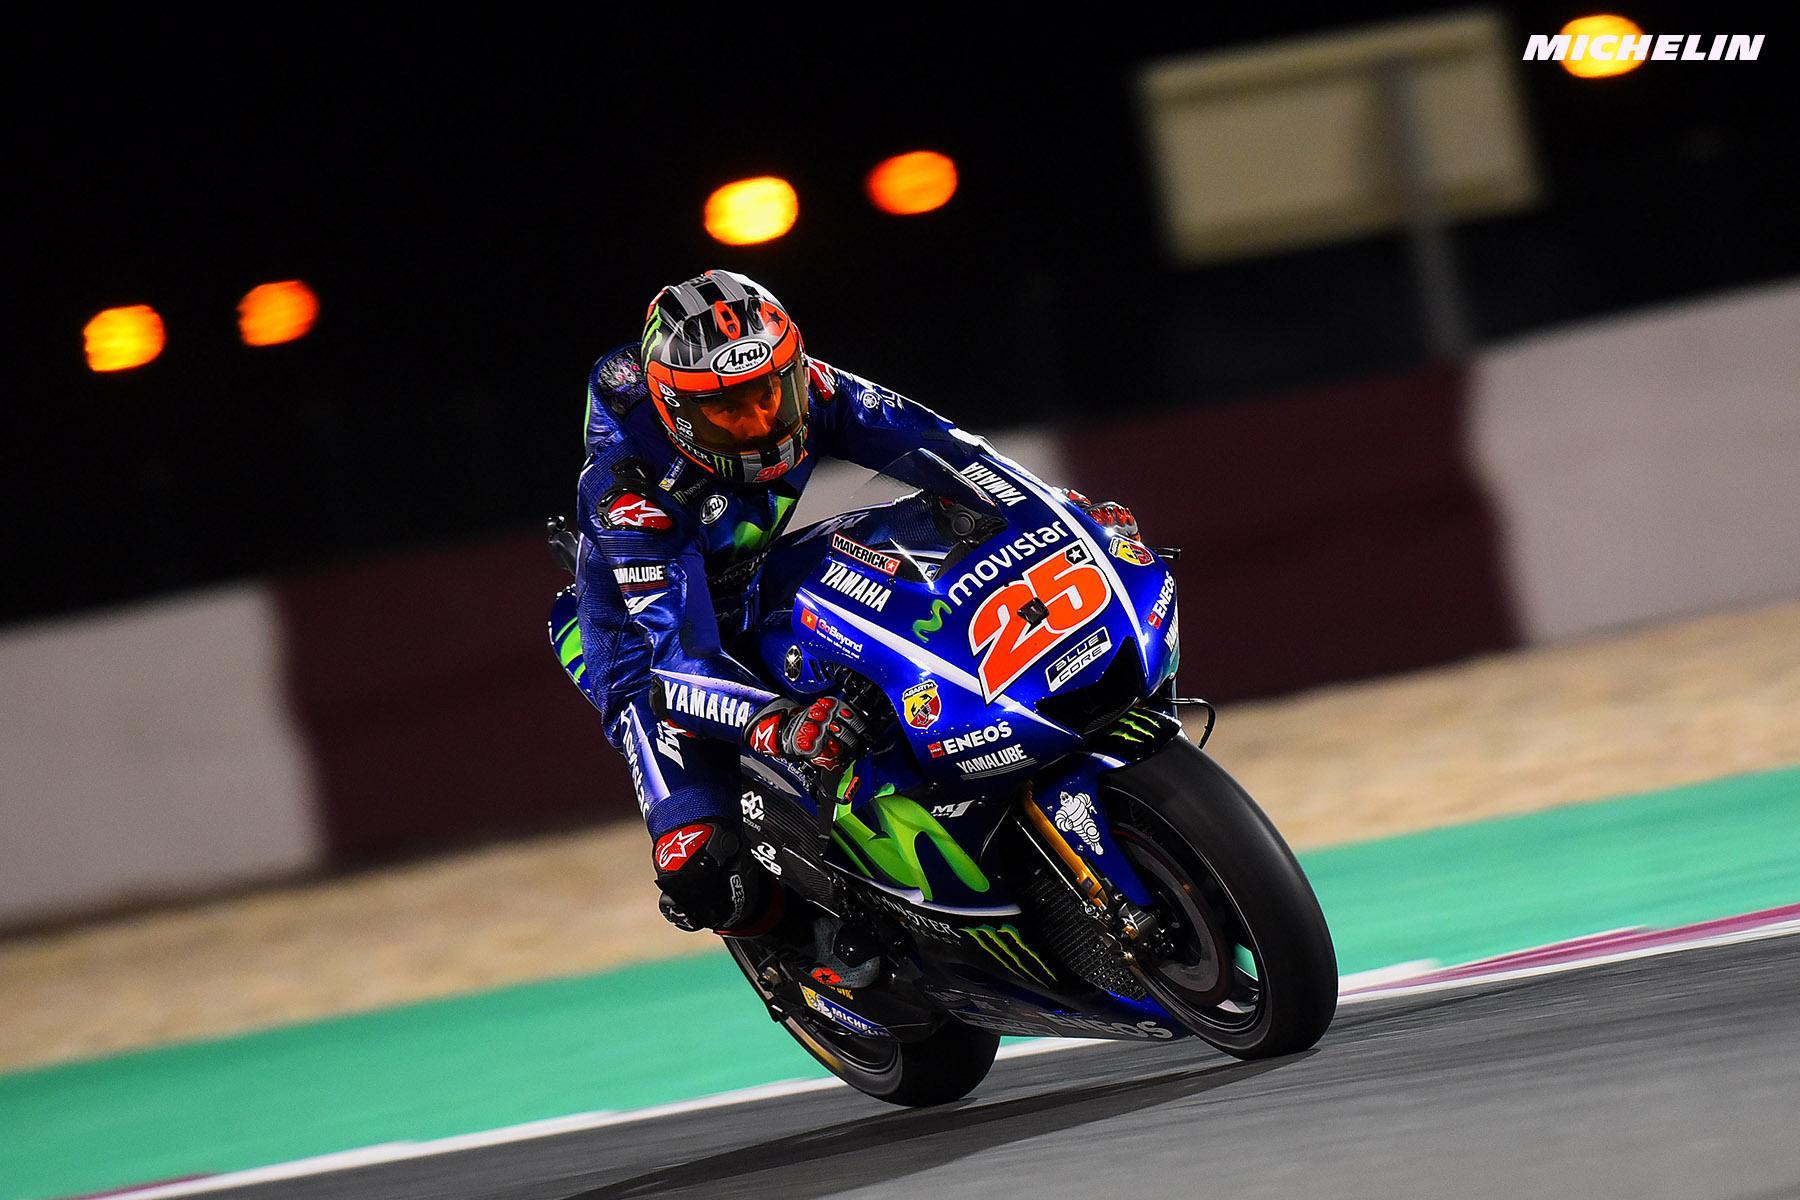 Шины Michelin Power Slick помогли Маверику Виньялесу выиграть Гран-при Катара MotoGP 2017